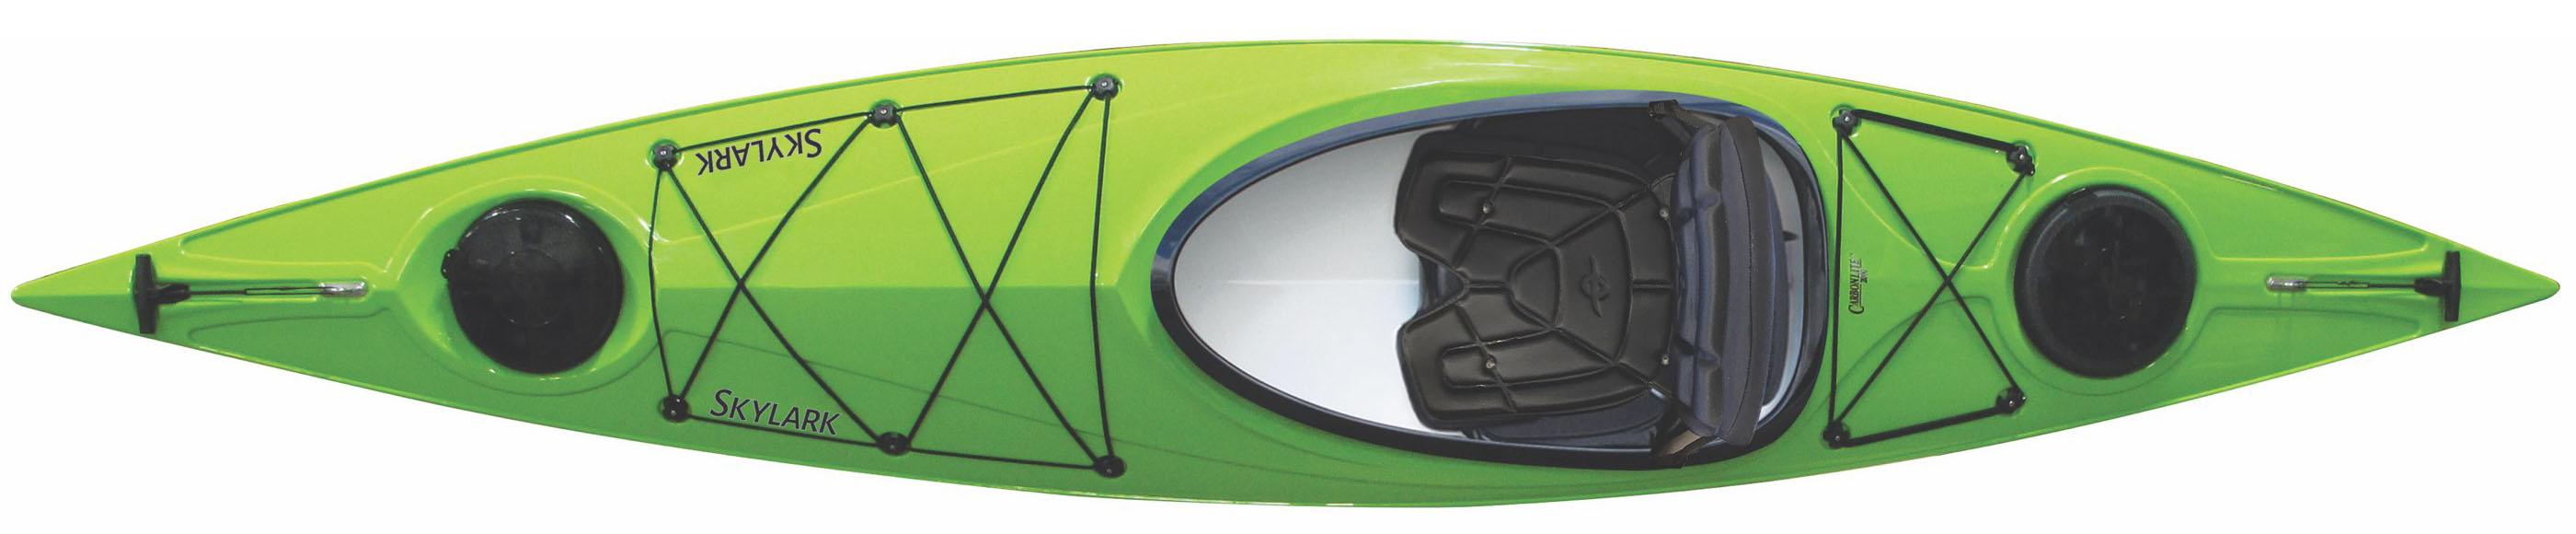 Eddyline Kayaks: Recreational & High Performance Models For All